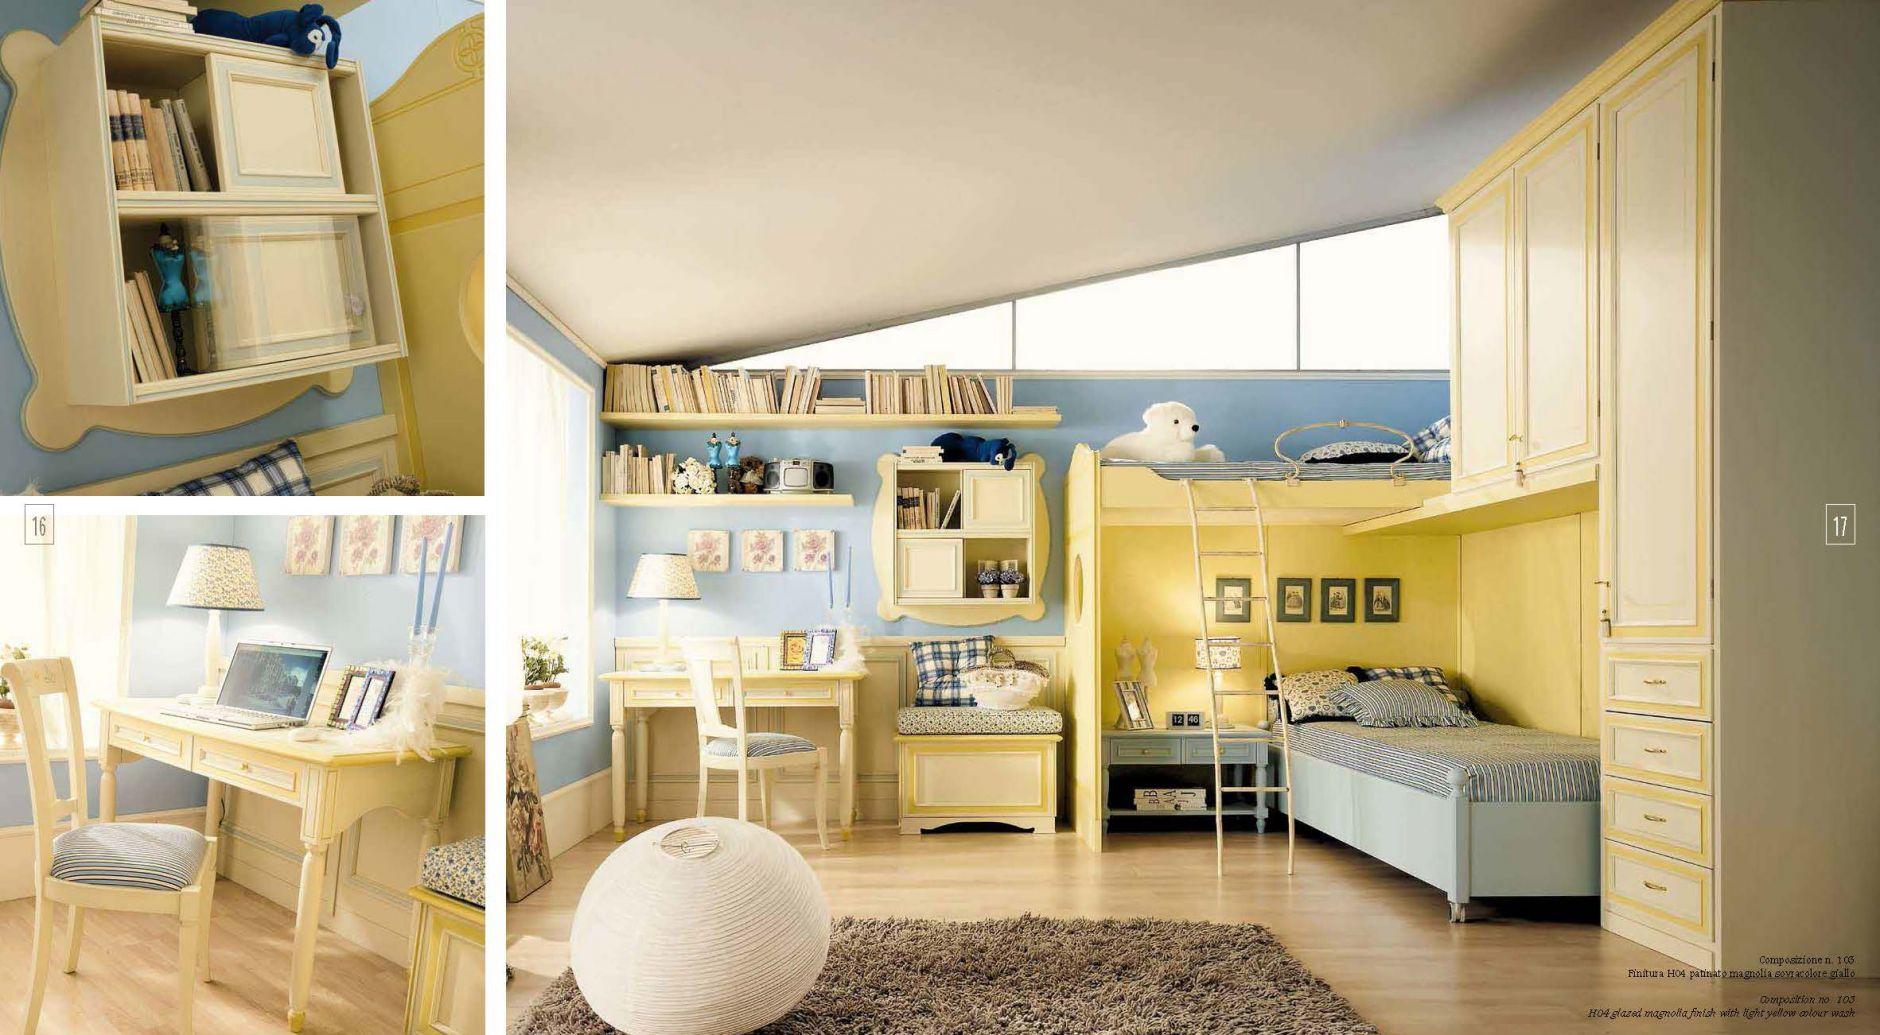 kinderm bel kinder schlafzimmer ferretti ferretti zusammensetzung 103die m bel aus italien. Black Bedroom Furniture Sets. Home Design Ideas